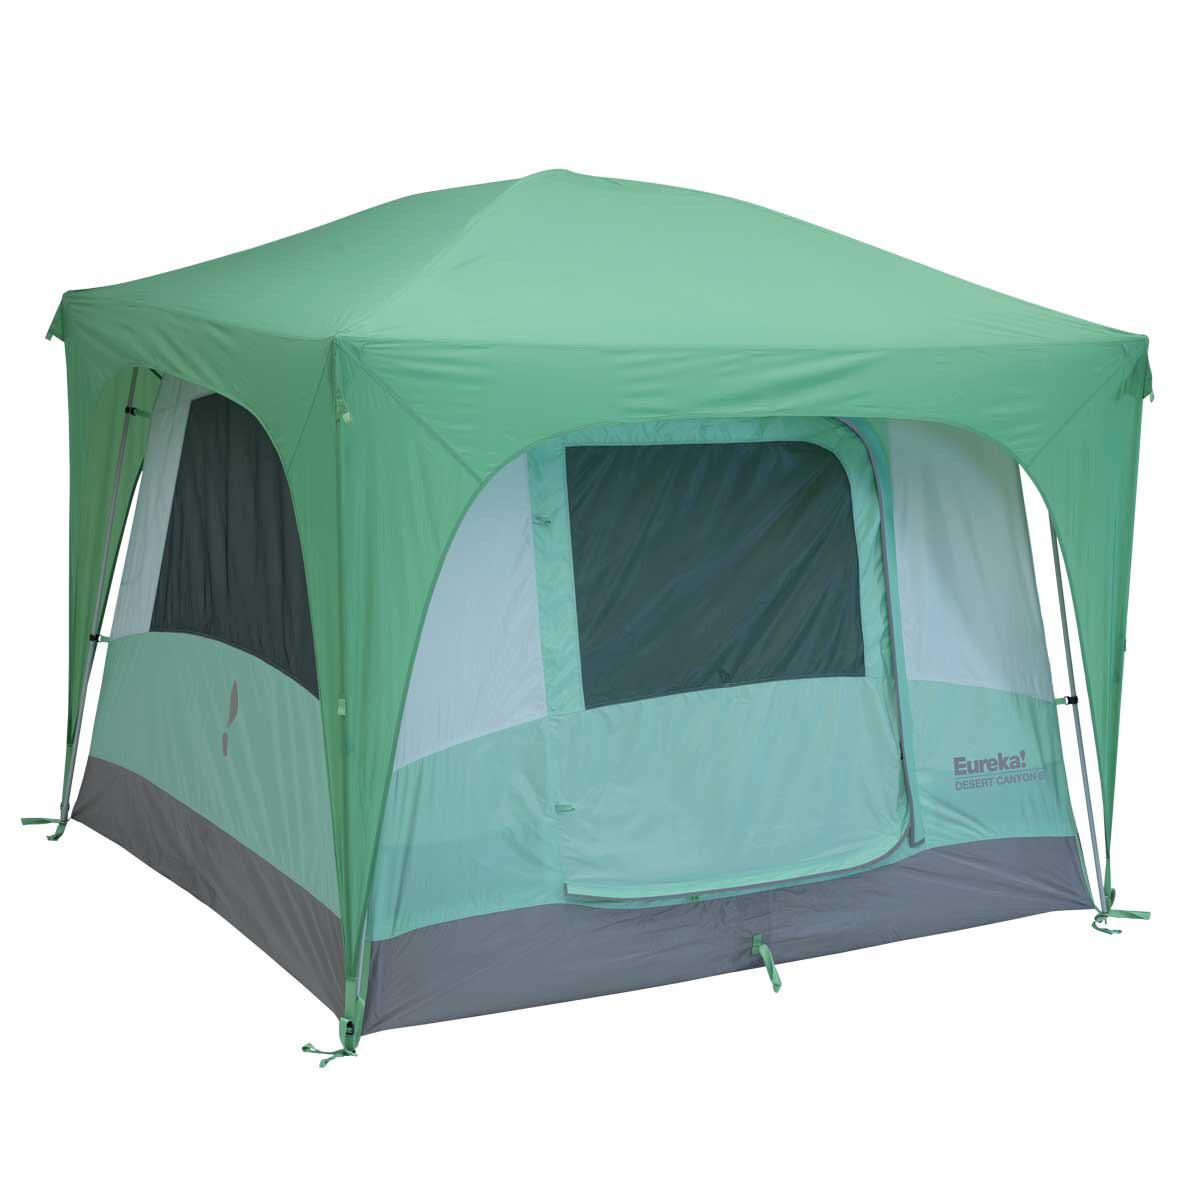 Eureka Desert Canyon 6 Person Tent